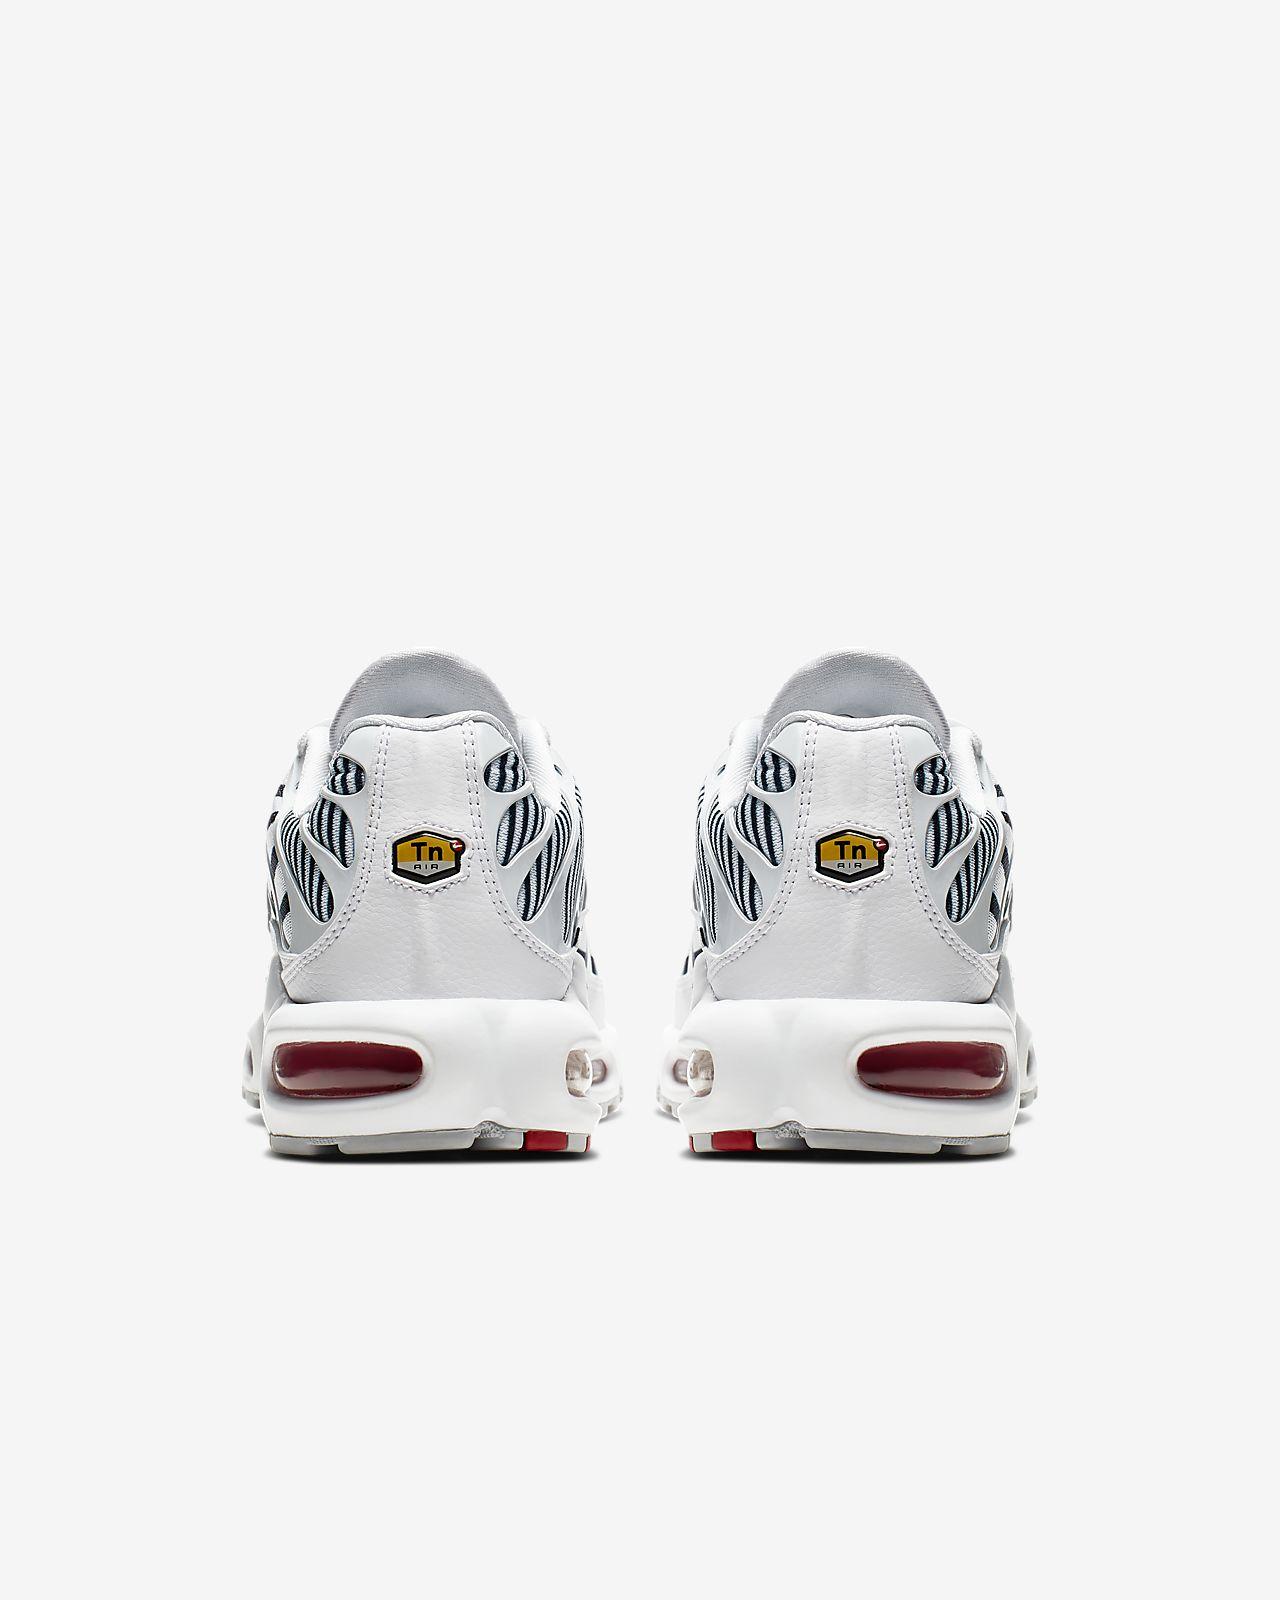 Chaussure Nike Air Max Plus TN Unité Totale pour Femme